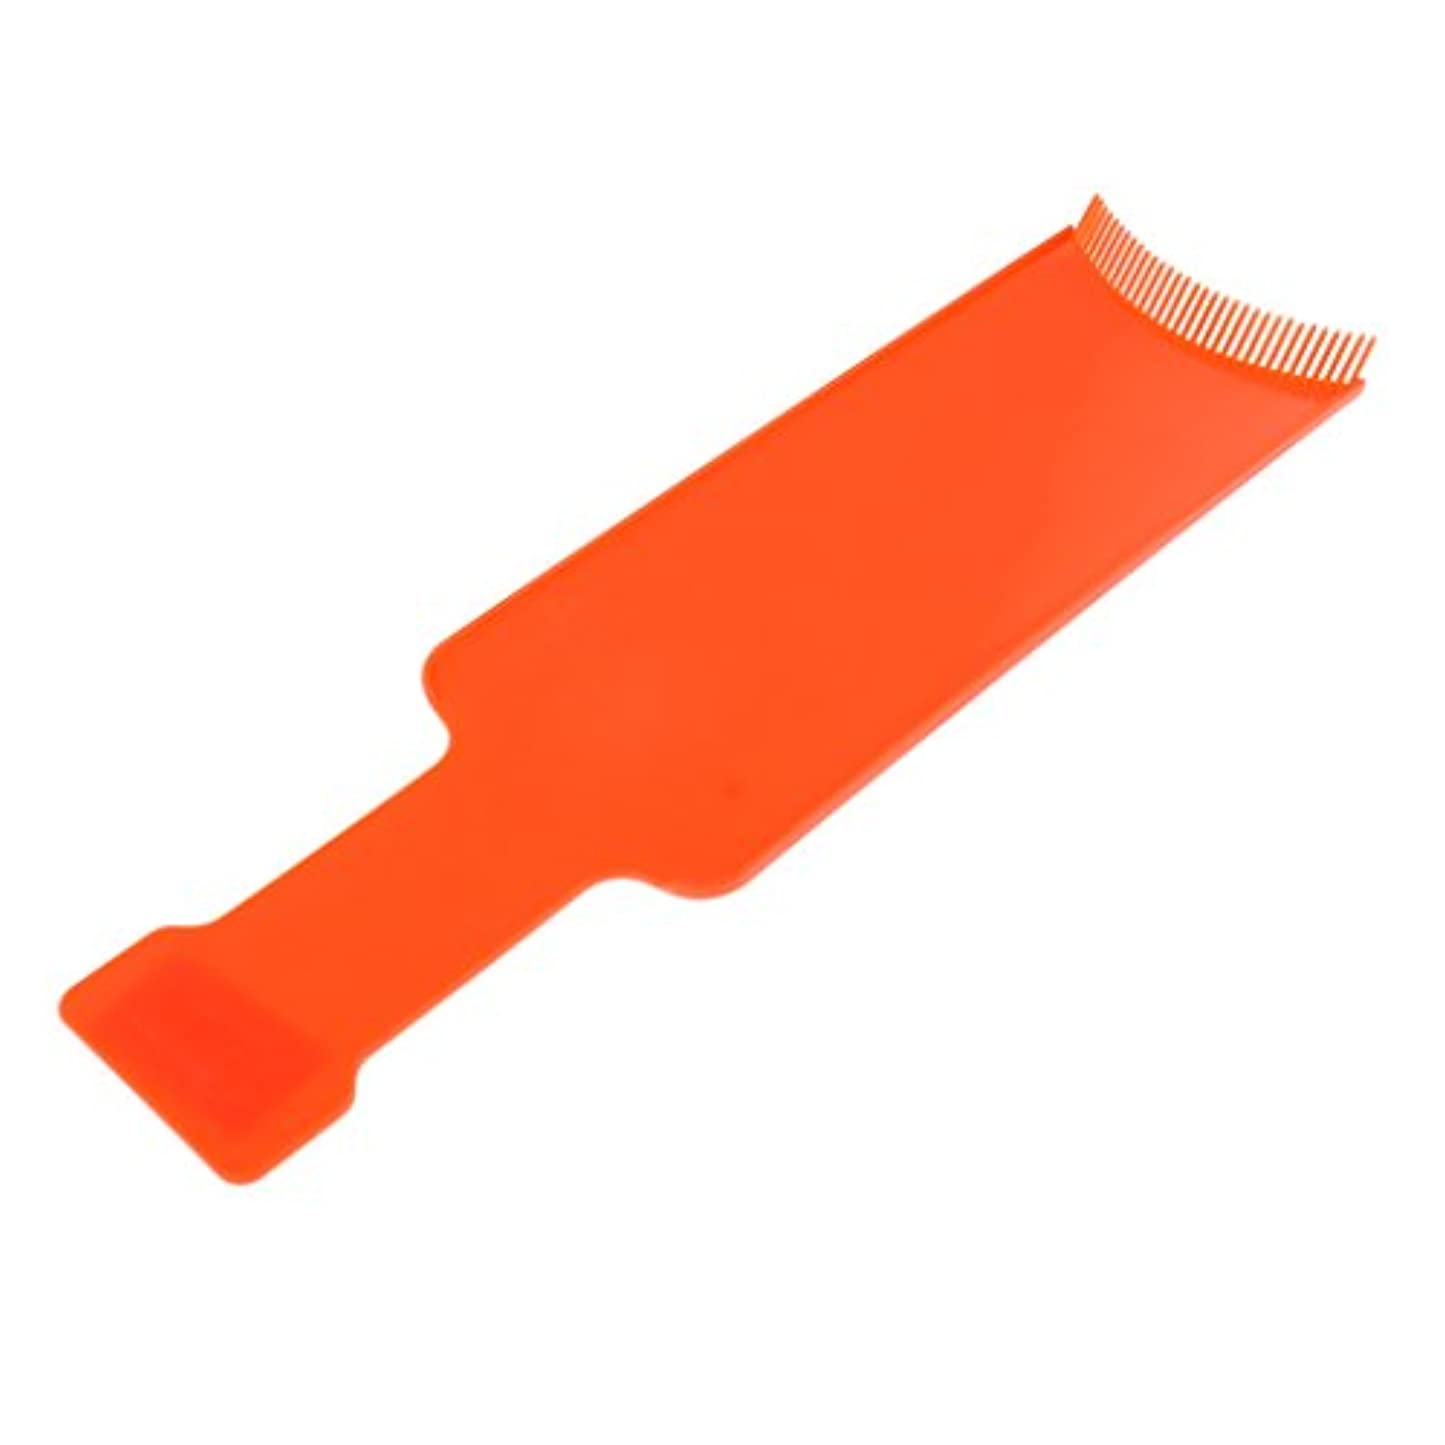 意気揚々蒸し器テロT TOOYFUL プロフェッショナル理髪染めボード着色ブラシ色合いくしツール - オレンジ, L